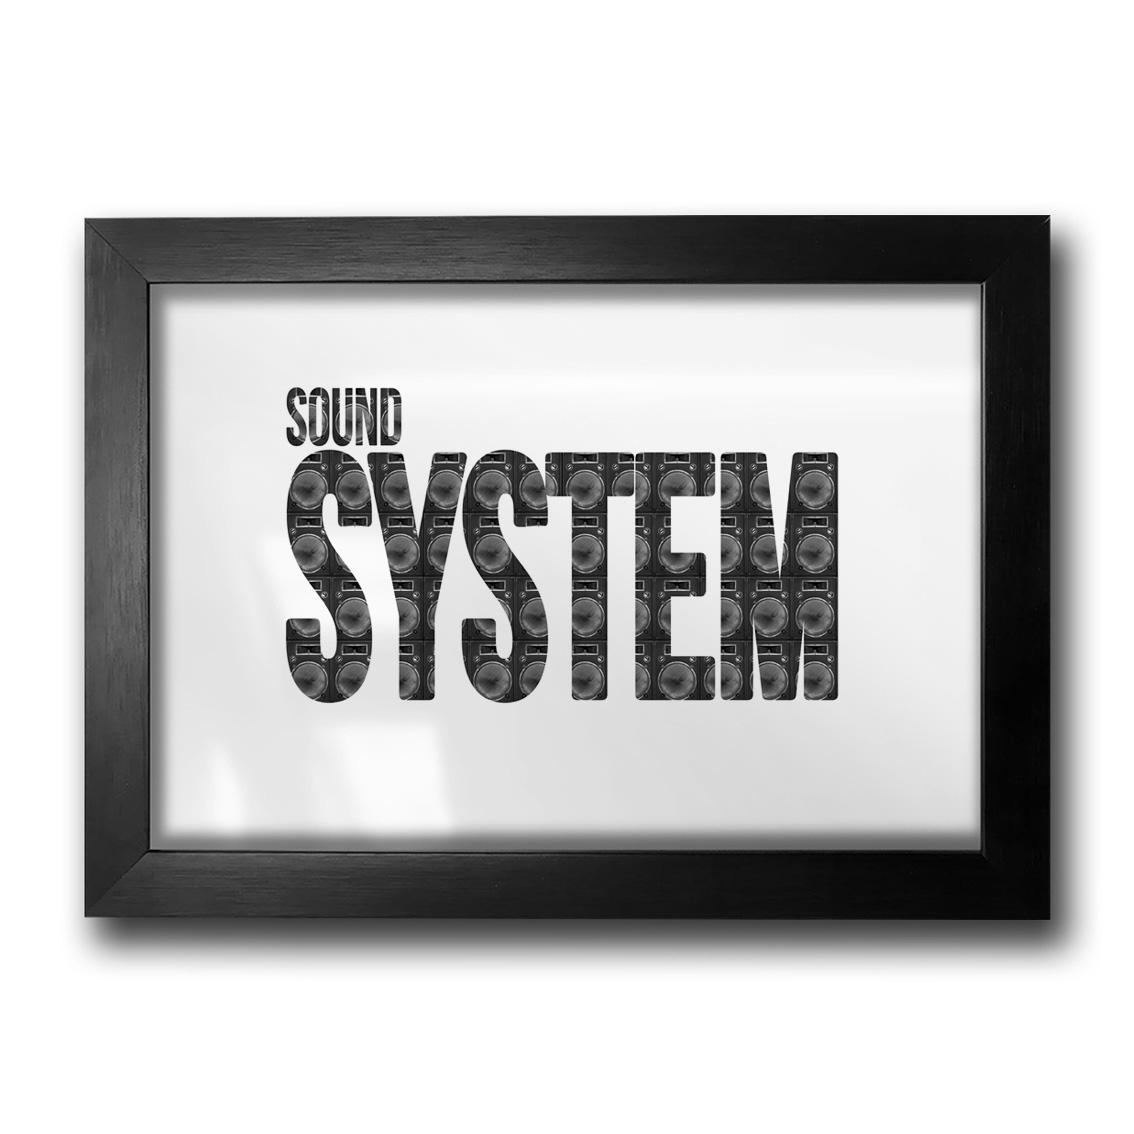 Quadro Sound System